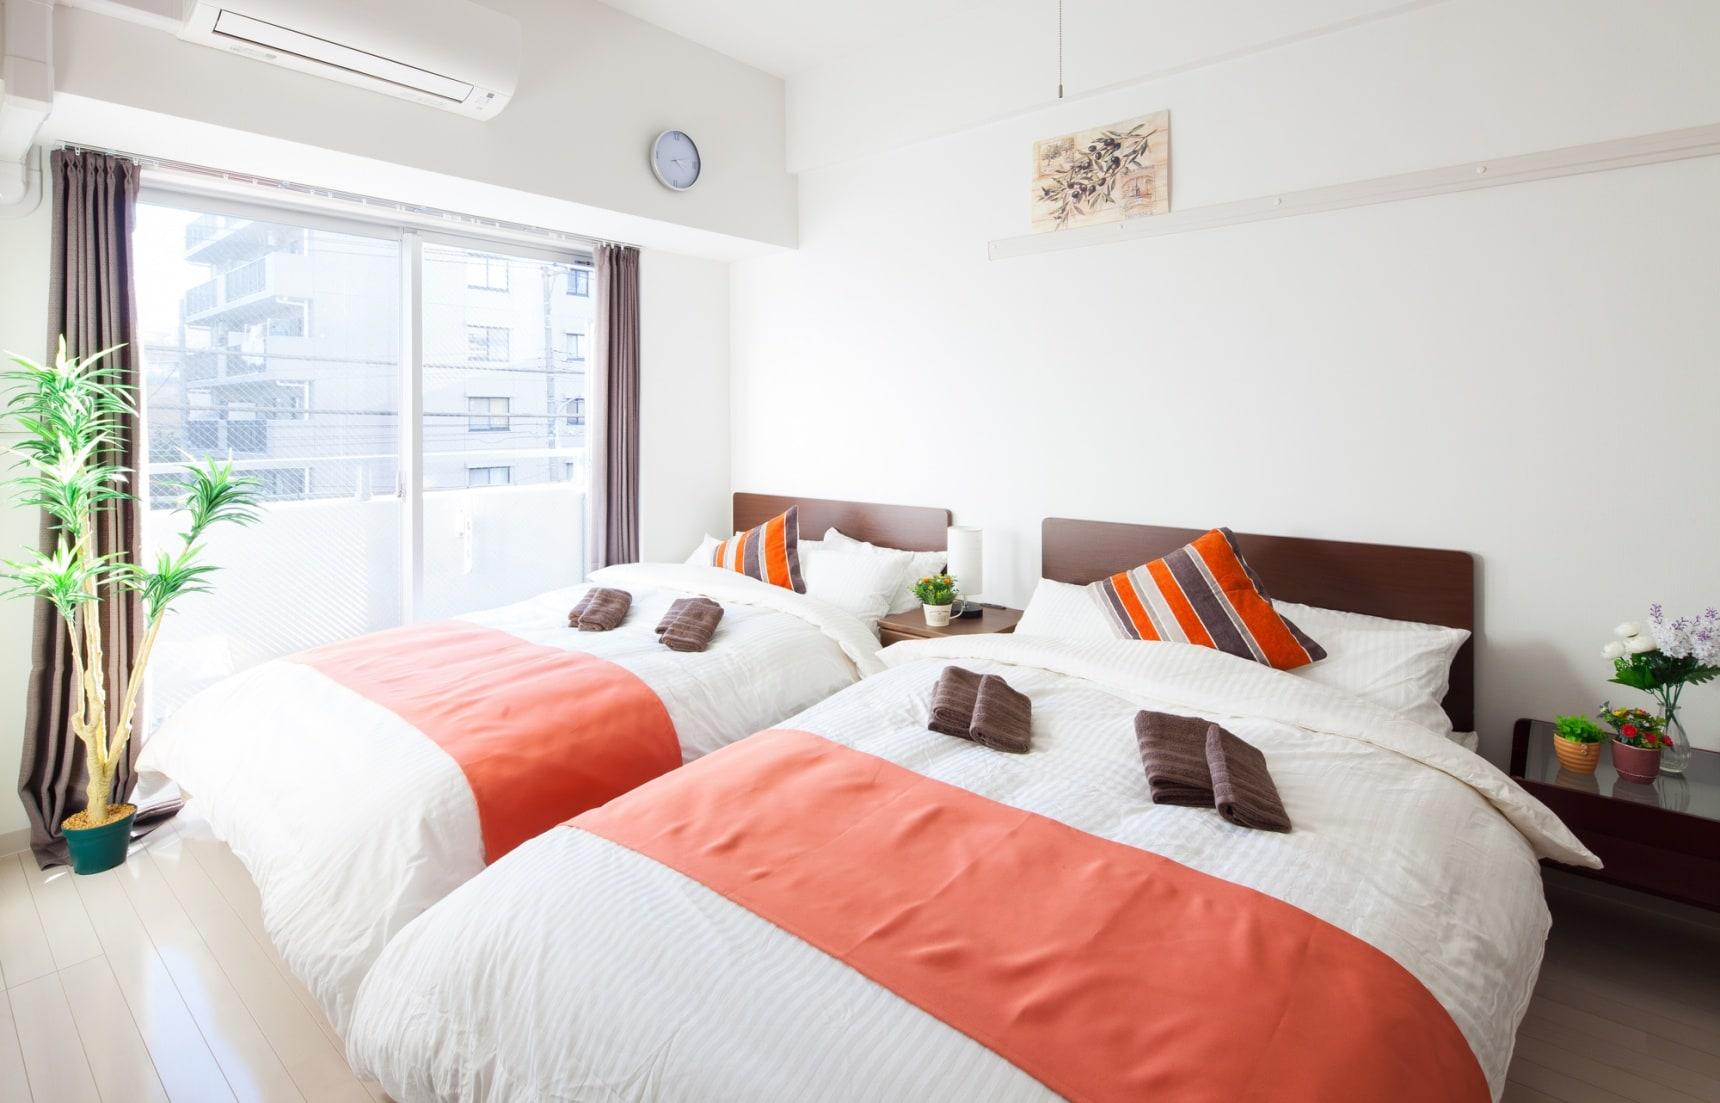 【東京自由行】親子旅遊也適用!東京特色設計主題住宿9選